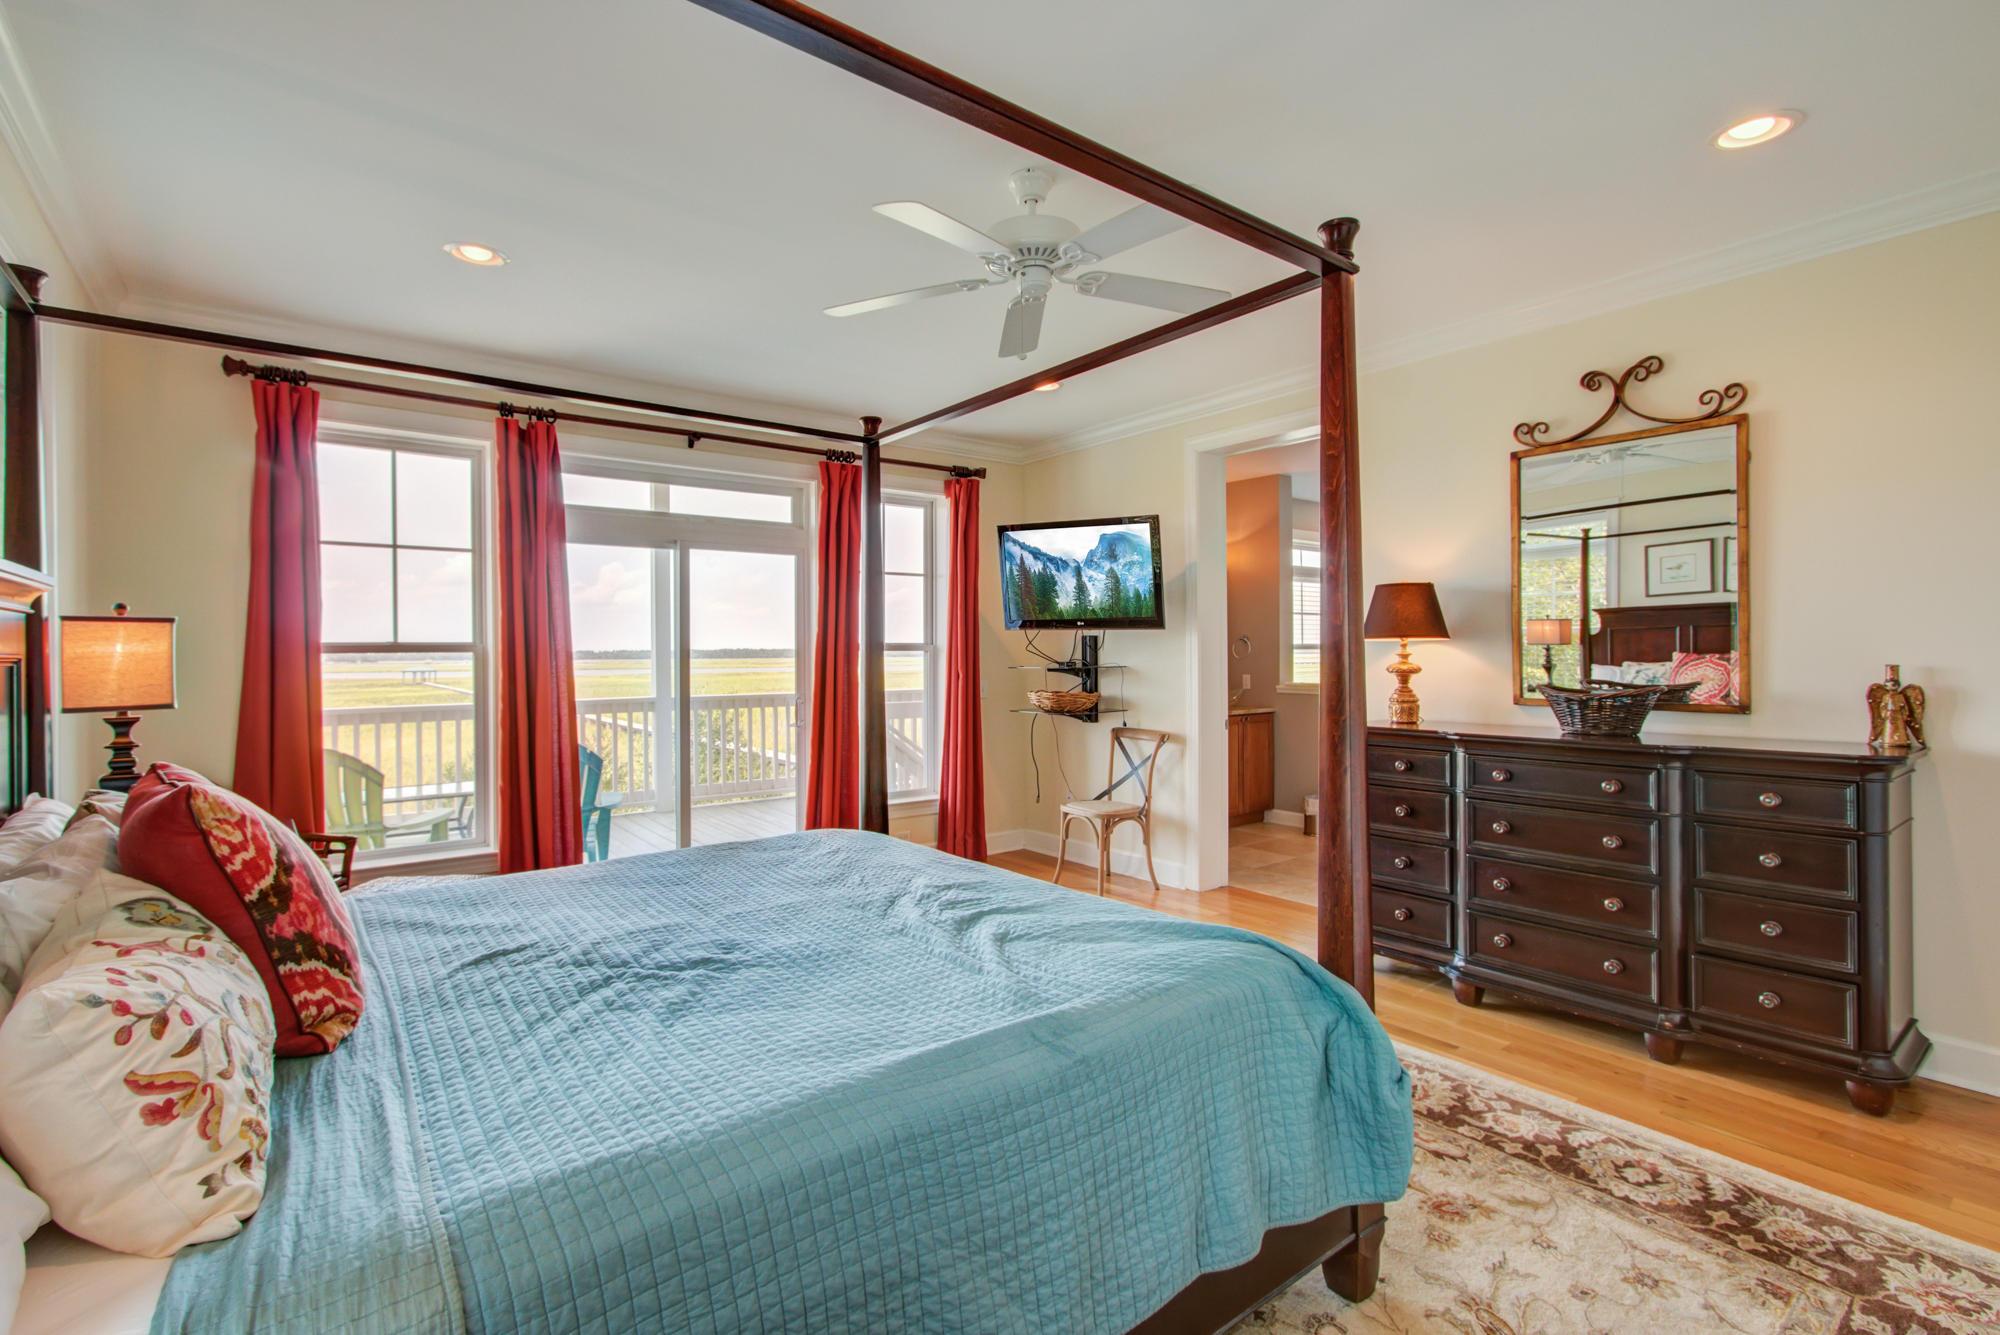 Folly Beach Homes For Sale - 616 Erie, Folly Beach, SC - 22